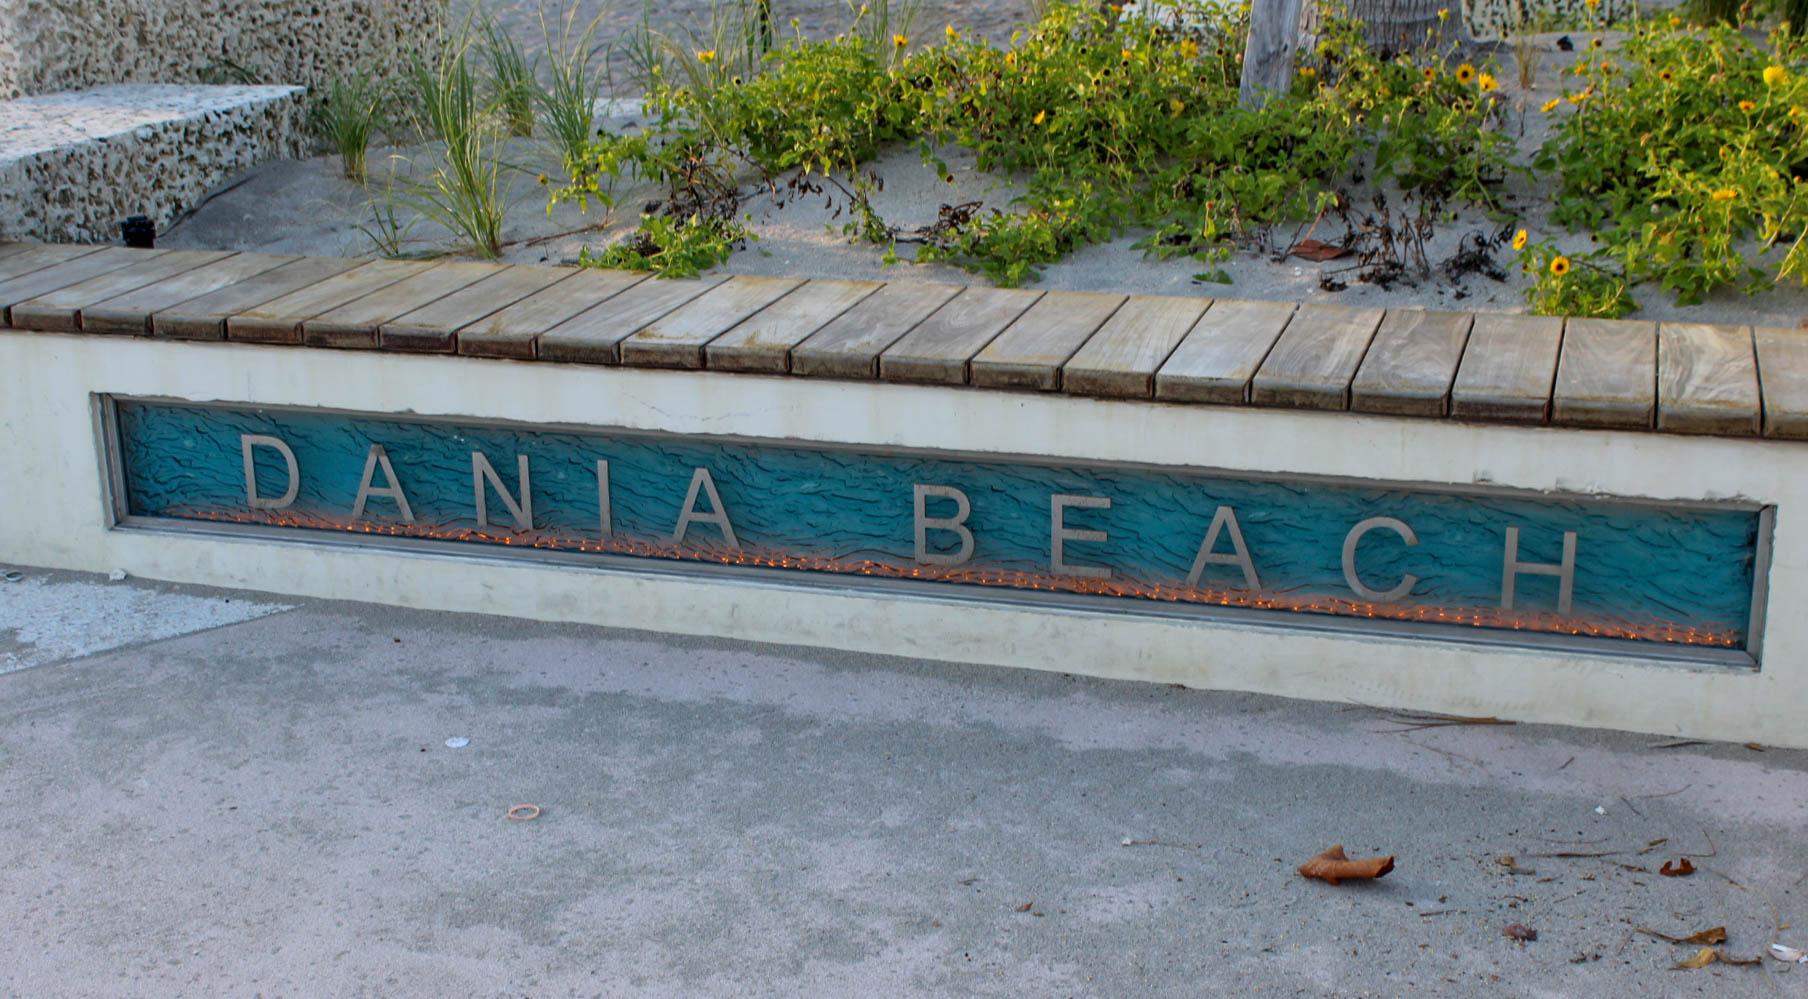 Dania Beach Photos-4.jpg